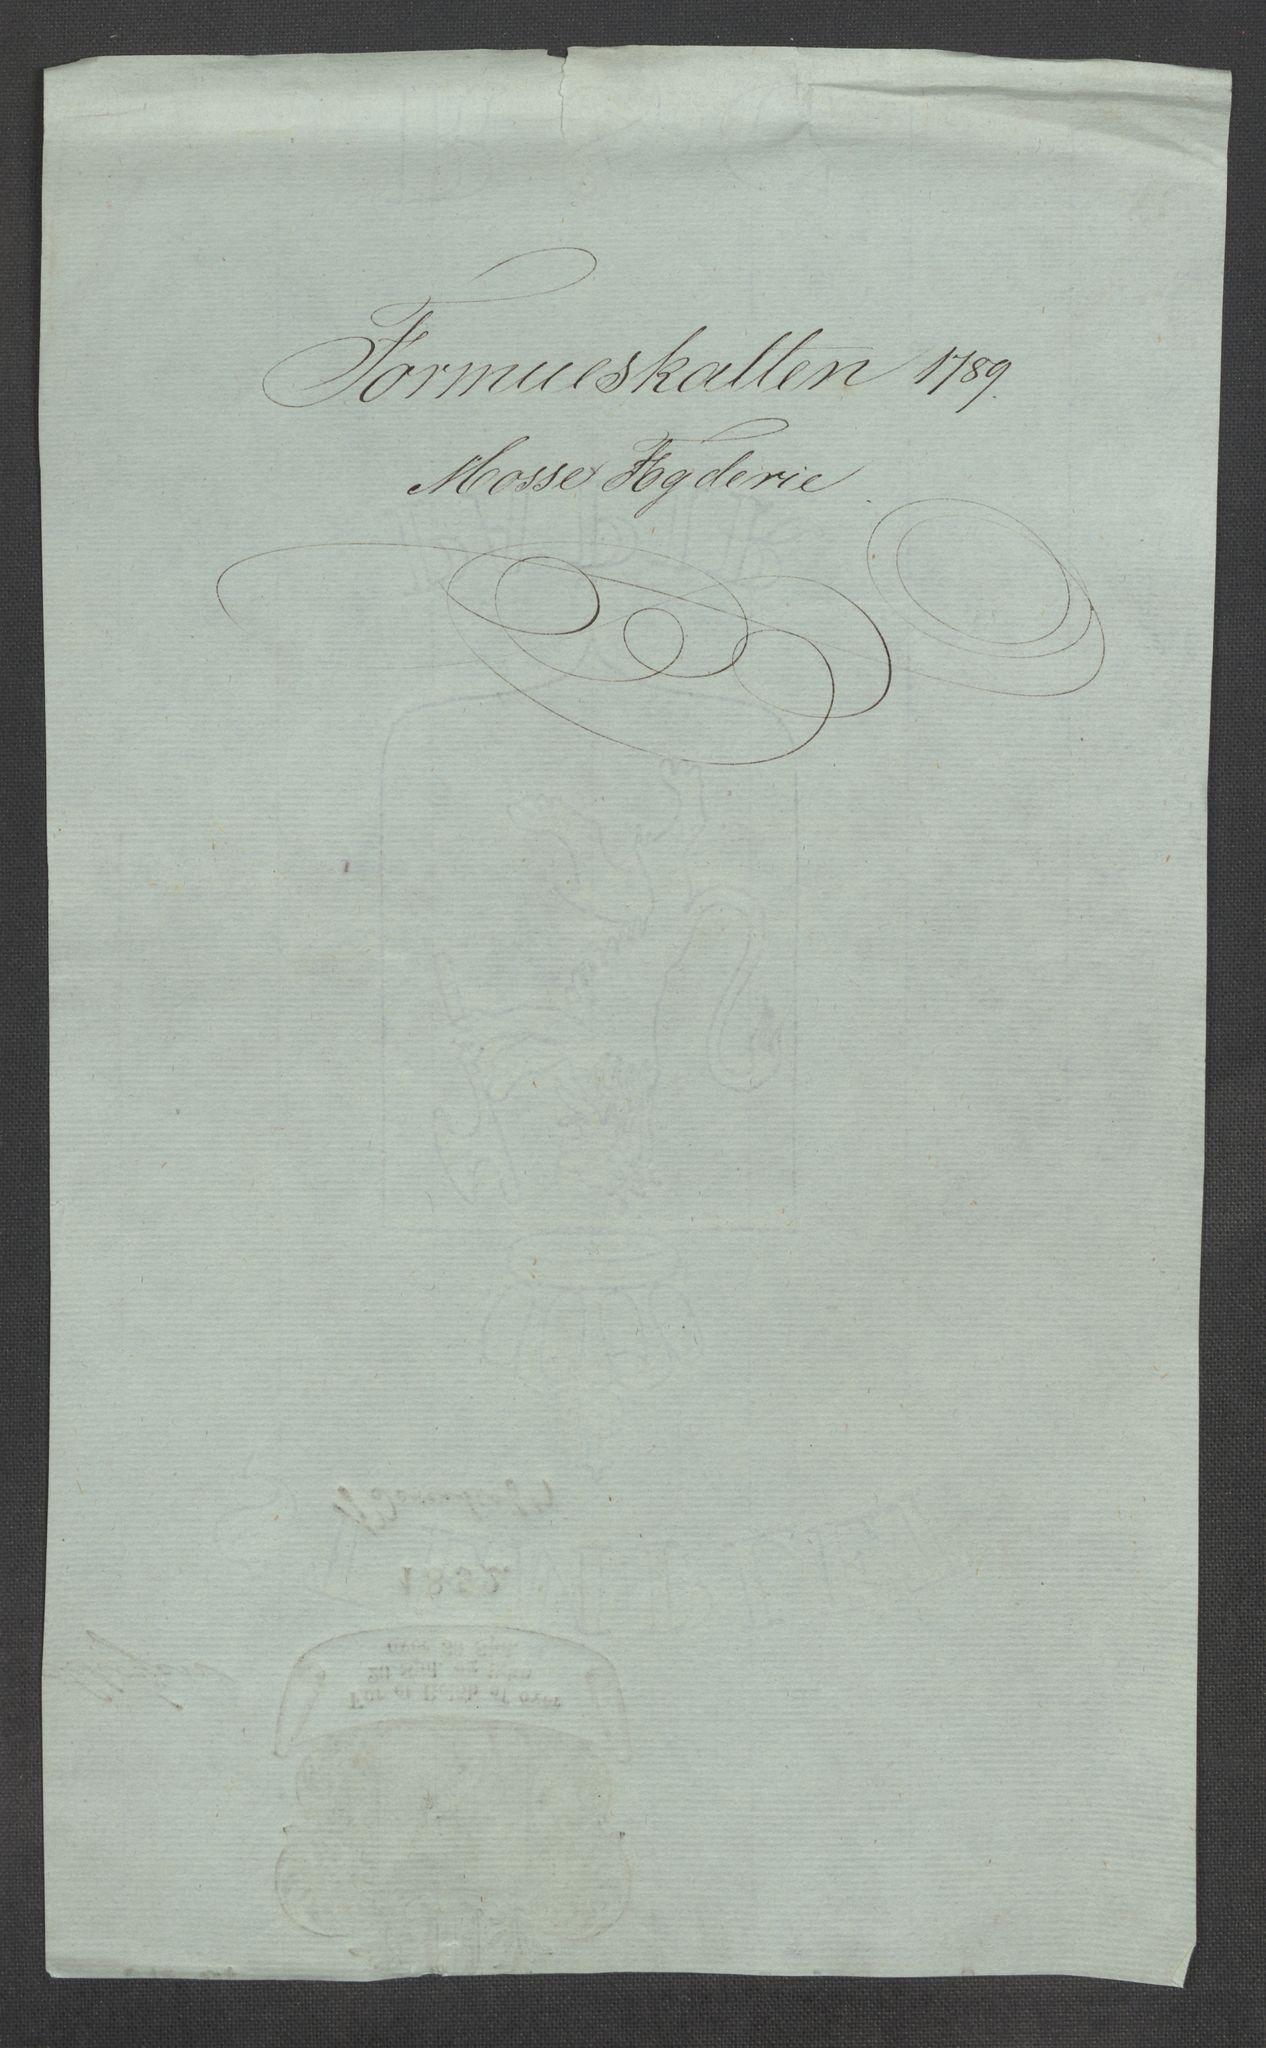 RA, Rentekammeret inntil 1814, Reviderte regnskaper, Mindre regnskaper, Rf/Rfe/L0025: Moss, Onsøy, Tune og Veme fogderi. Namdal fogderi, 1789, s. 3